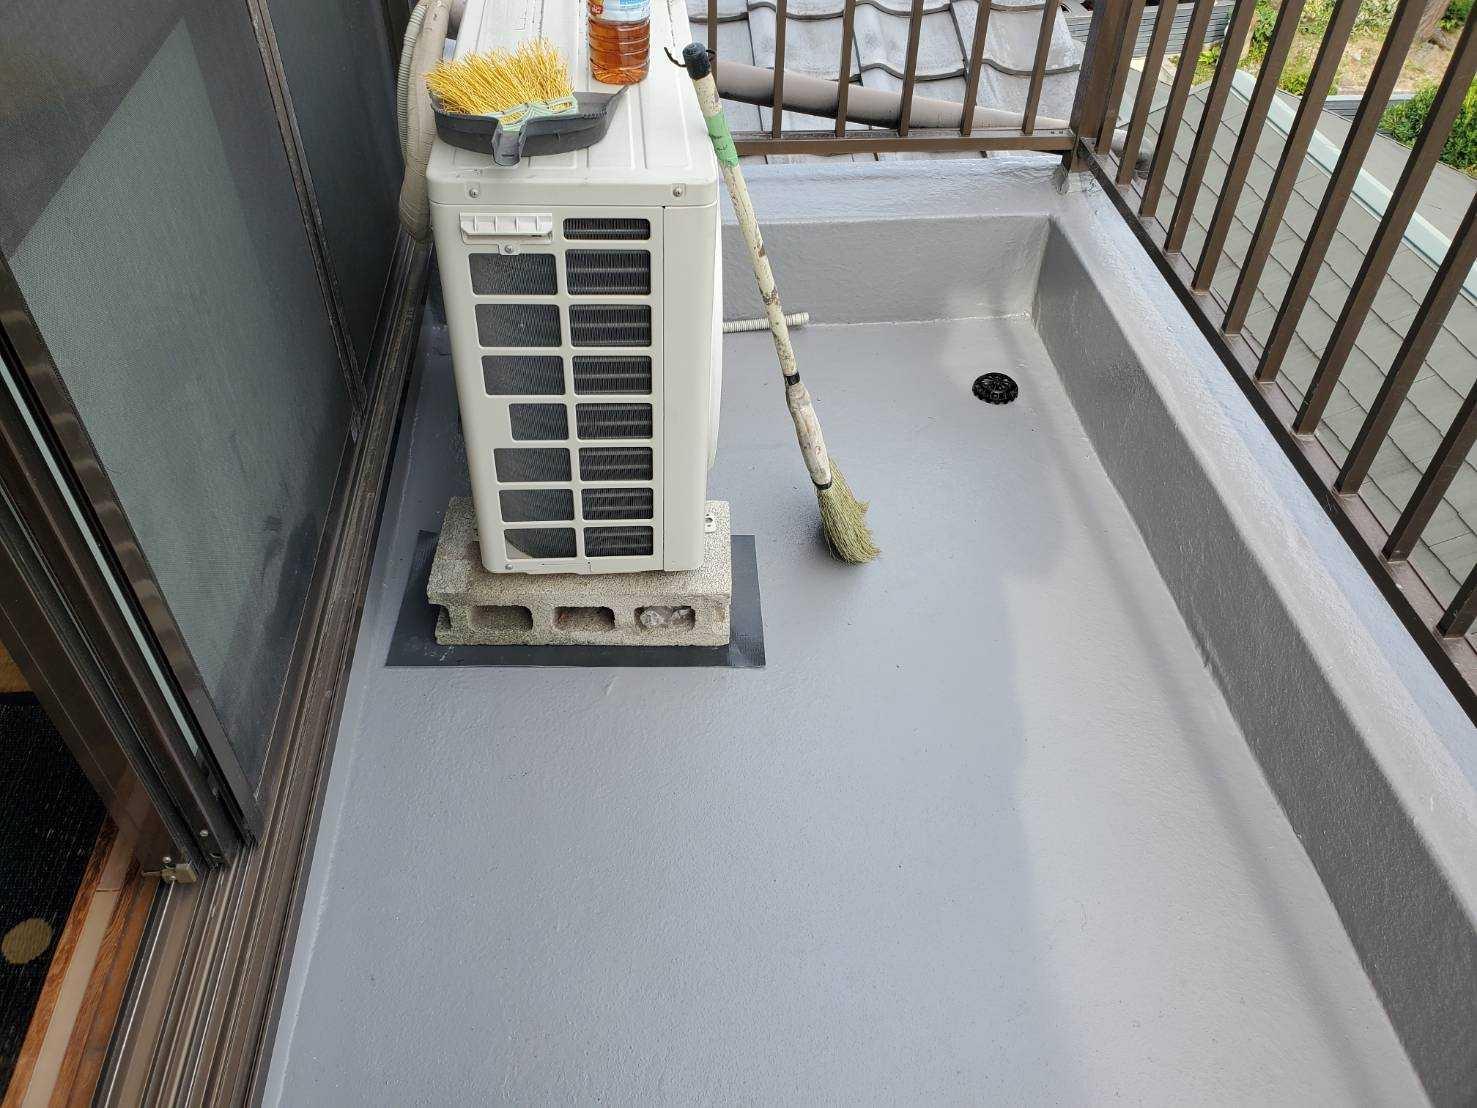 守口市 ベランダから雨漏り!FRP防水の工事をさせて頂きました。